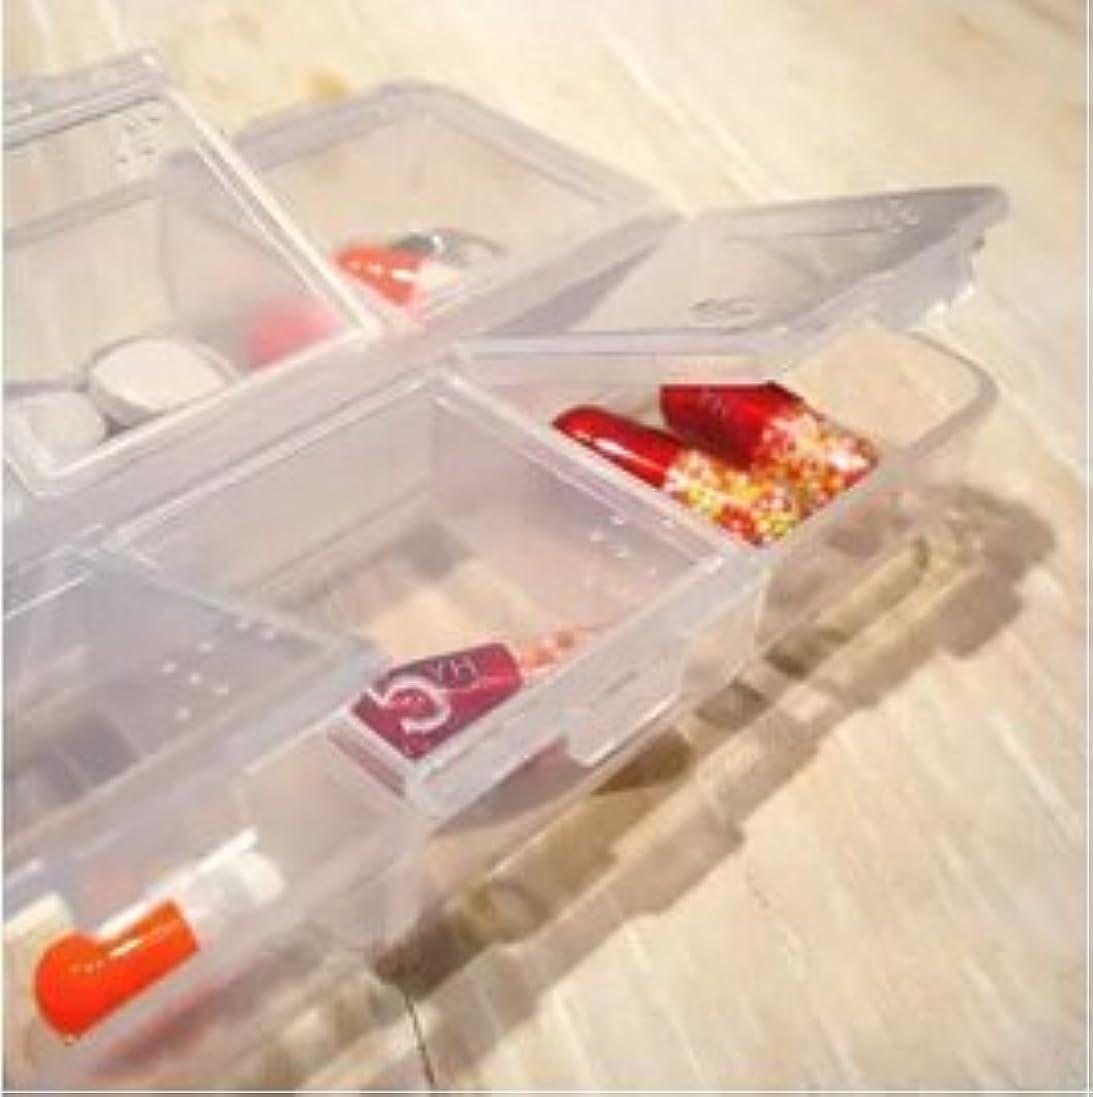 消防士アリ完璧Lorny (TM) 【送料無料】6スロット透明なプラスチックピルボックス医学オーガナイザー多機能ピルケースポータブルストレージボックス [並行輸入品]